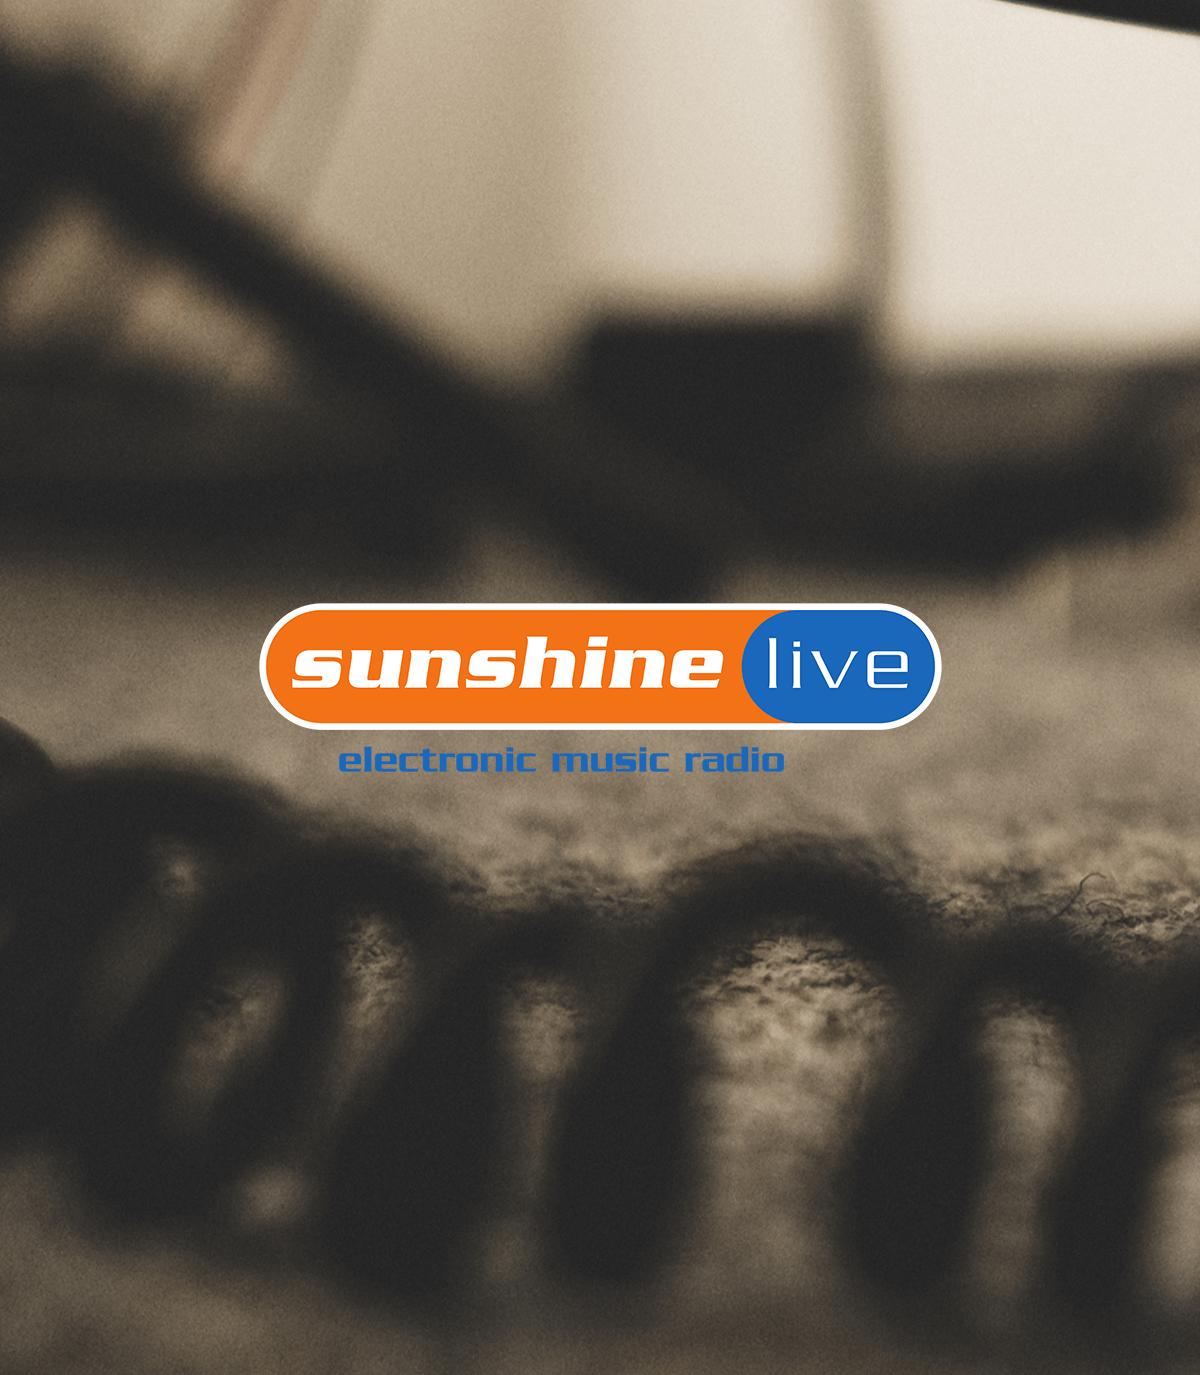 sunshine live Logo auf unscharfem Hintergrund